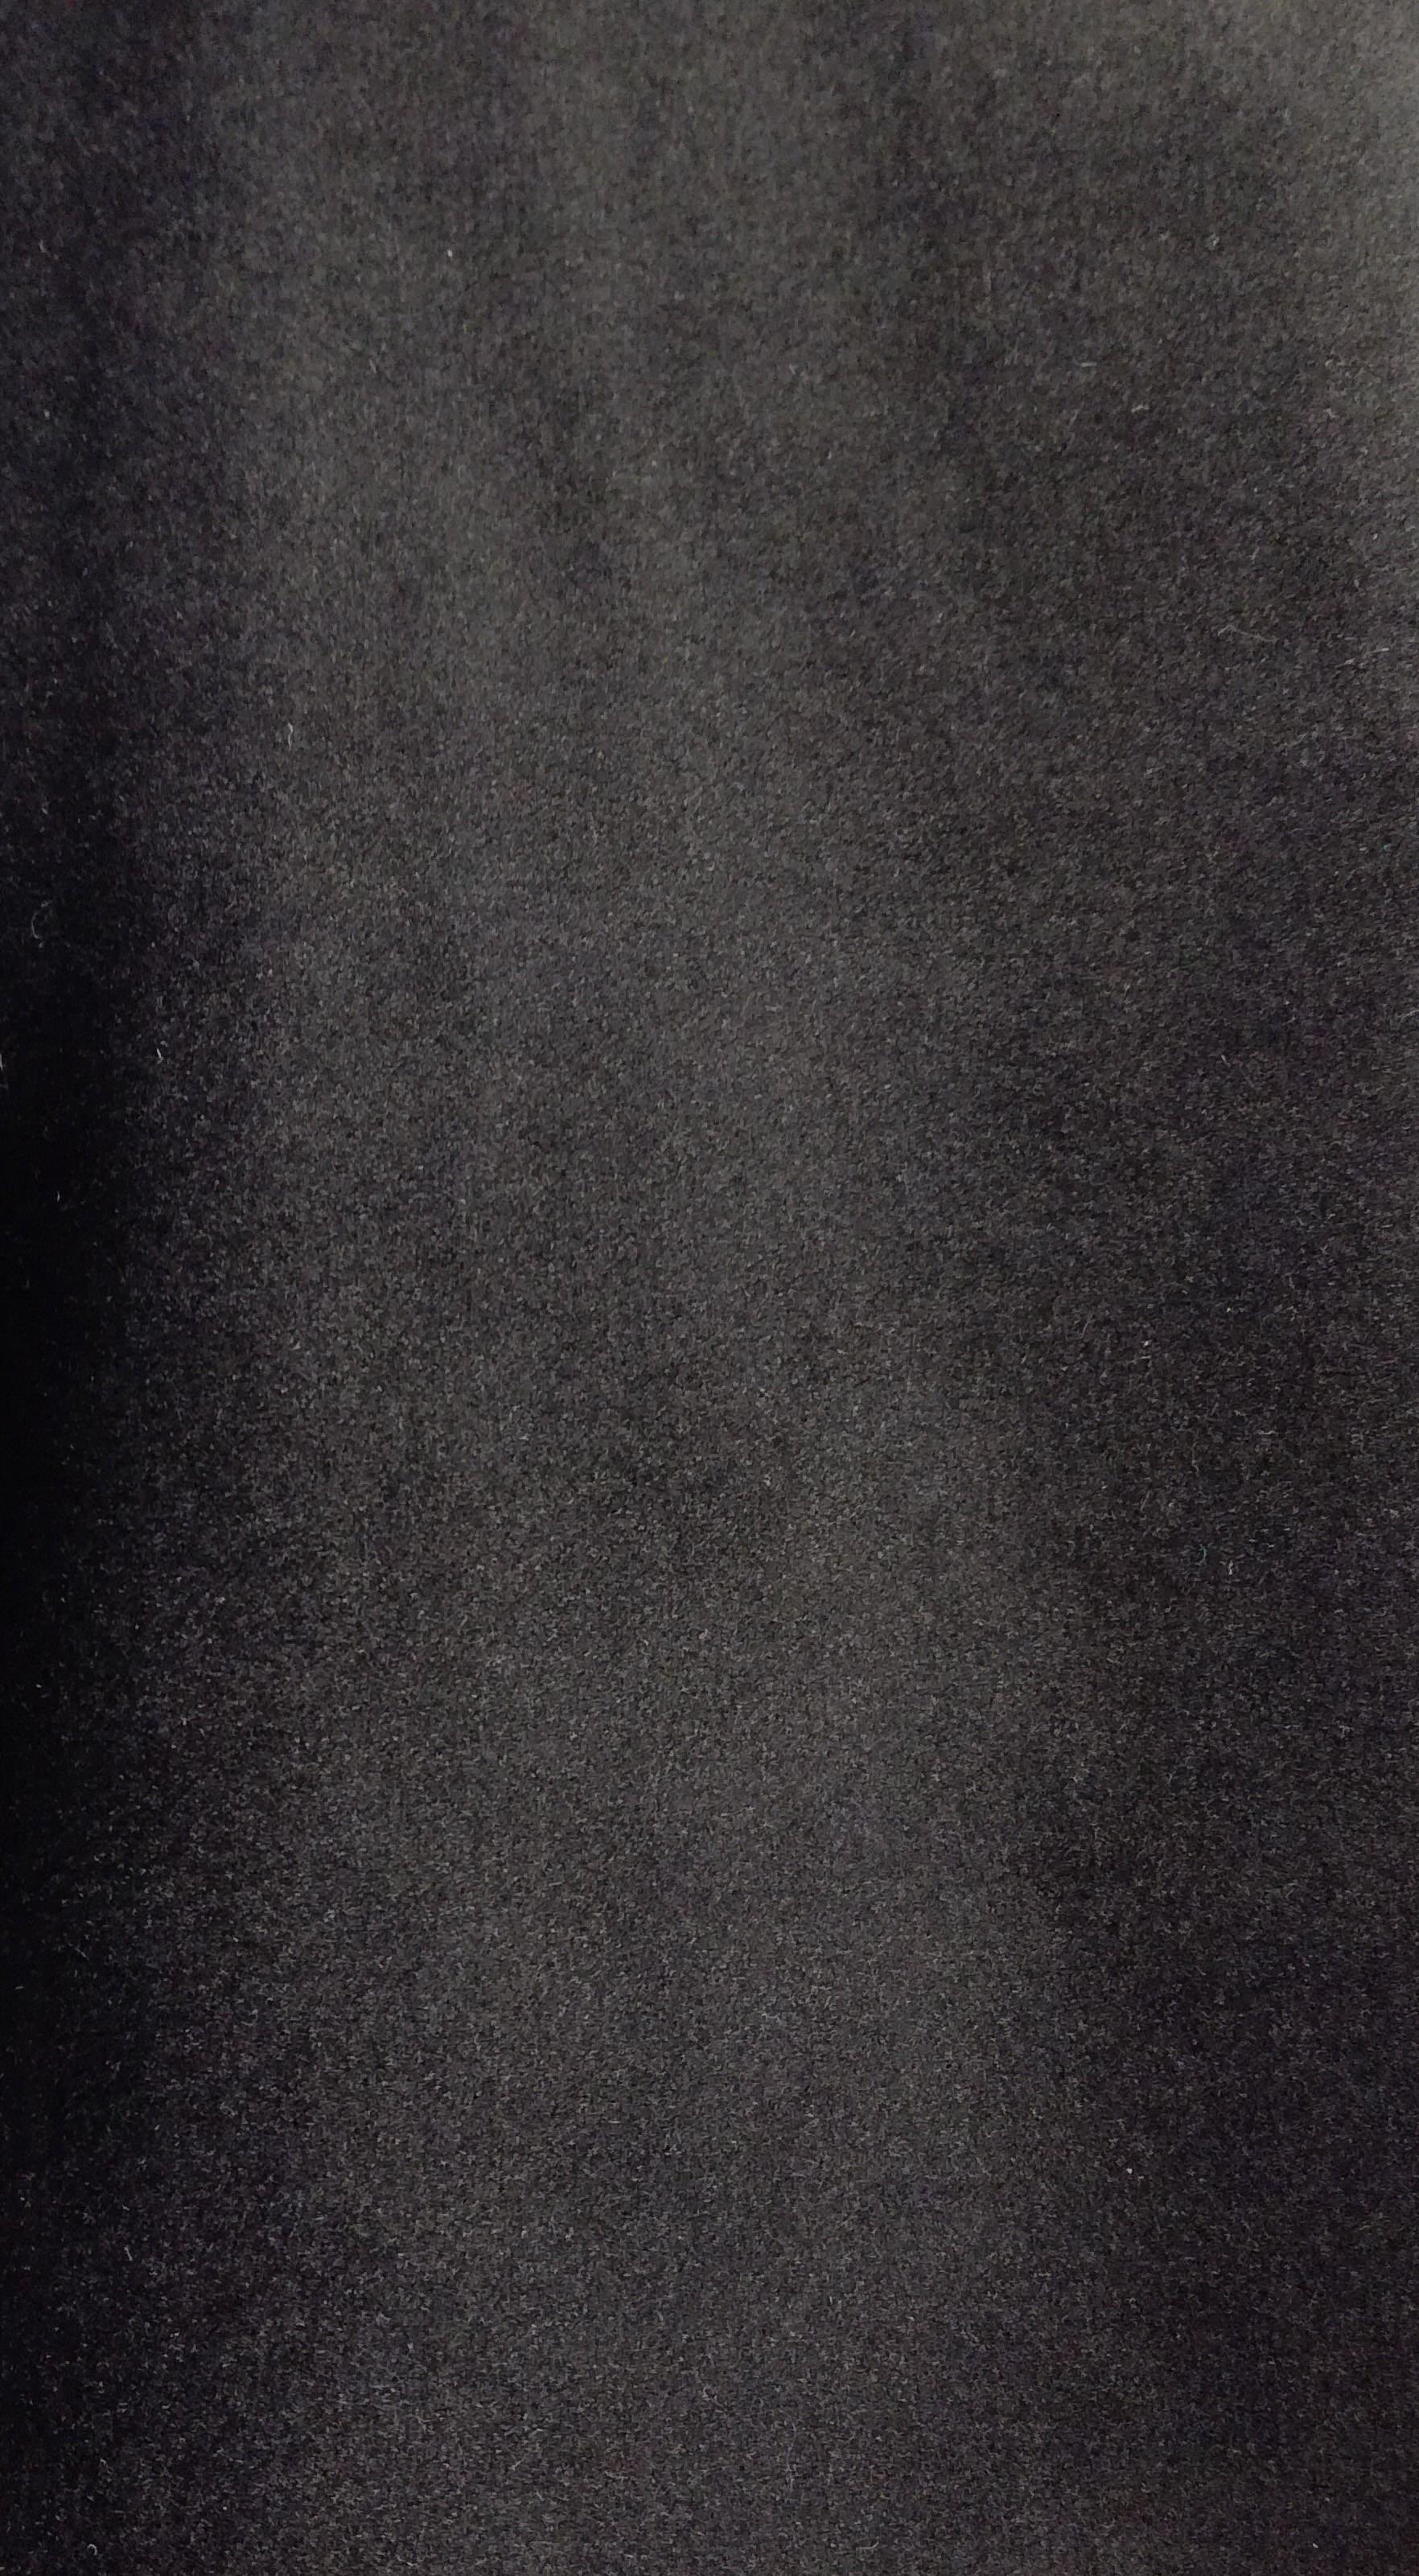 Velours noir 1607